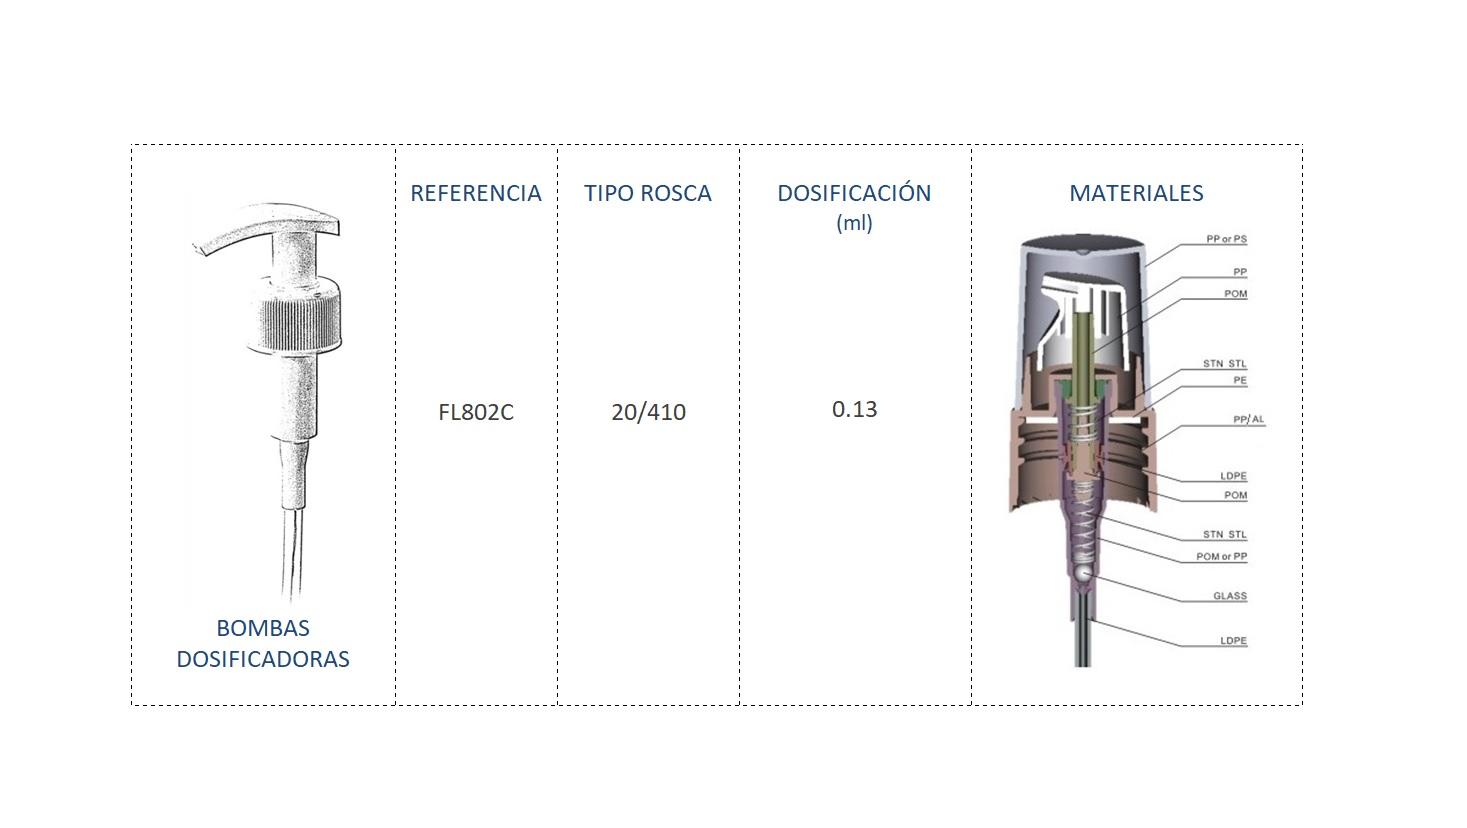 Cuadro materiales bomba dosificadora FL802C 20/410